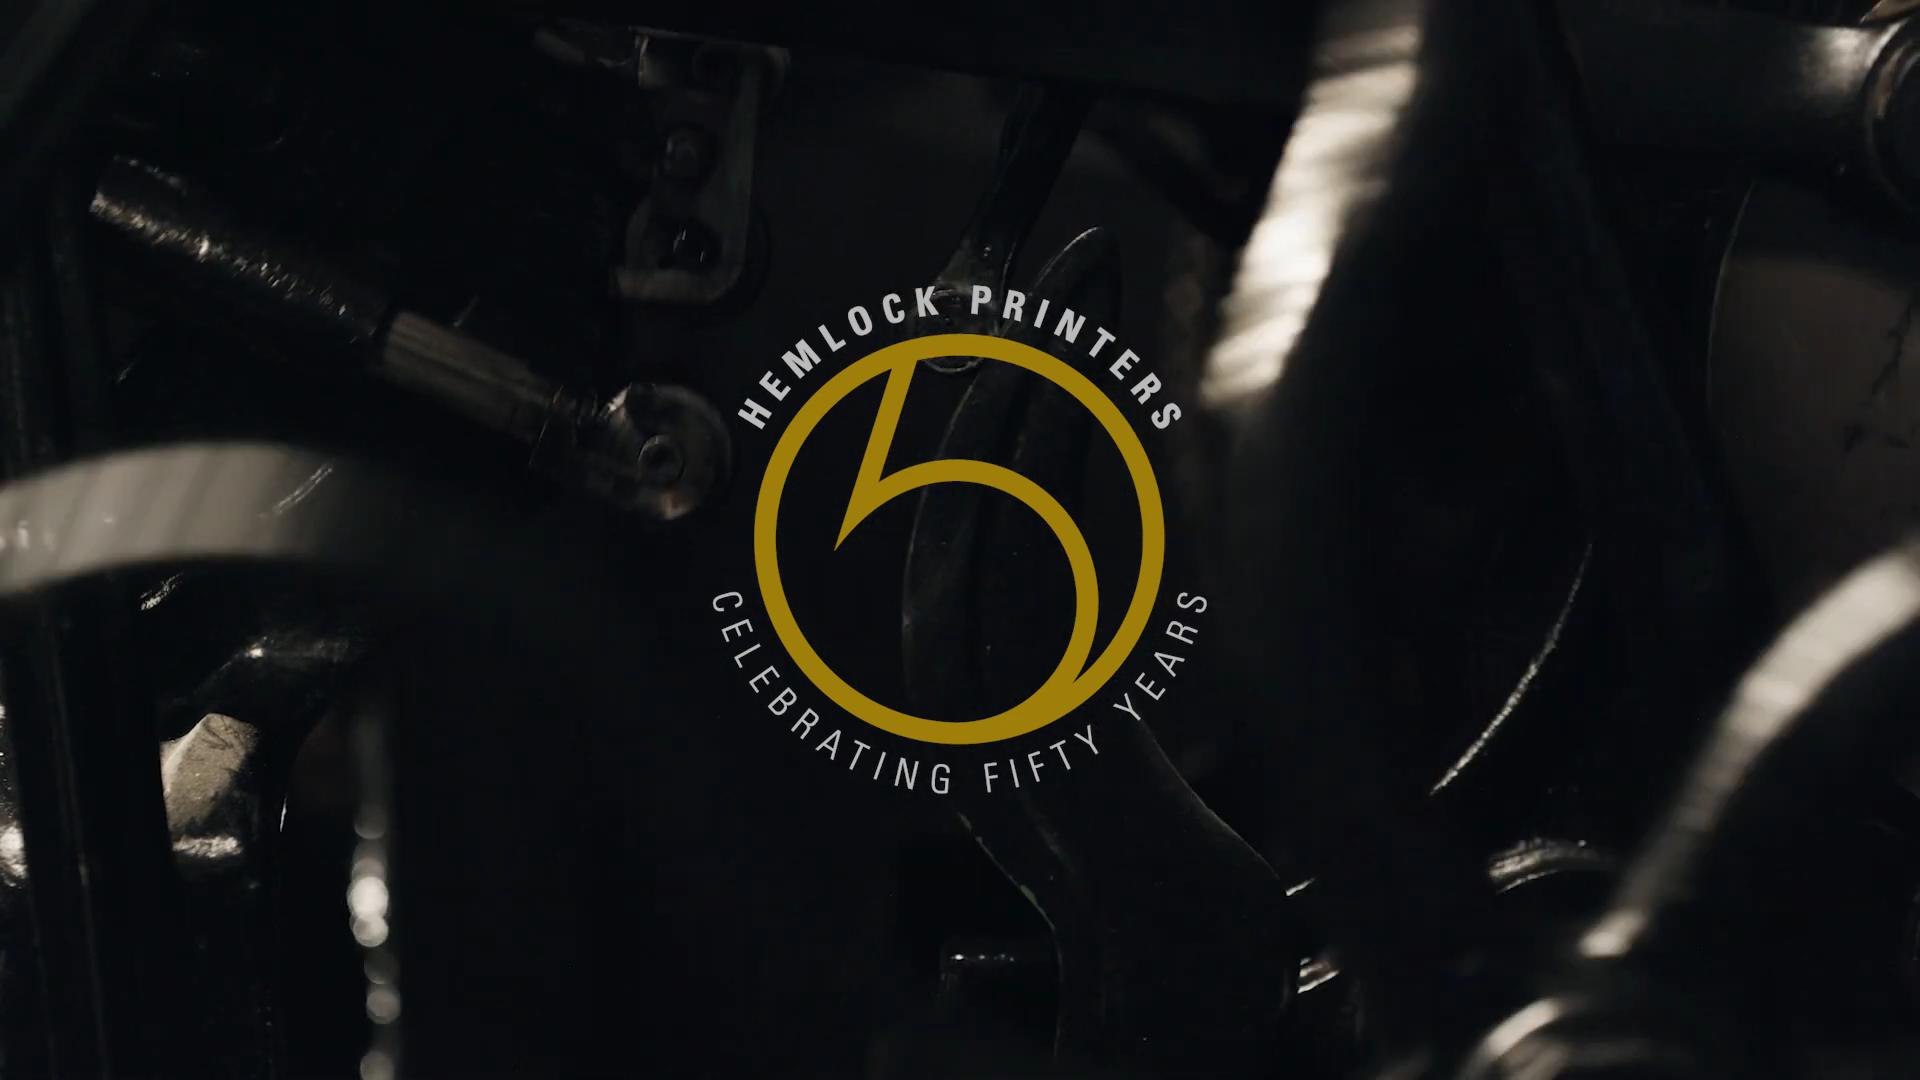 Hemlock Printers 50th Anniversary